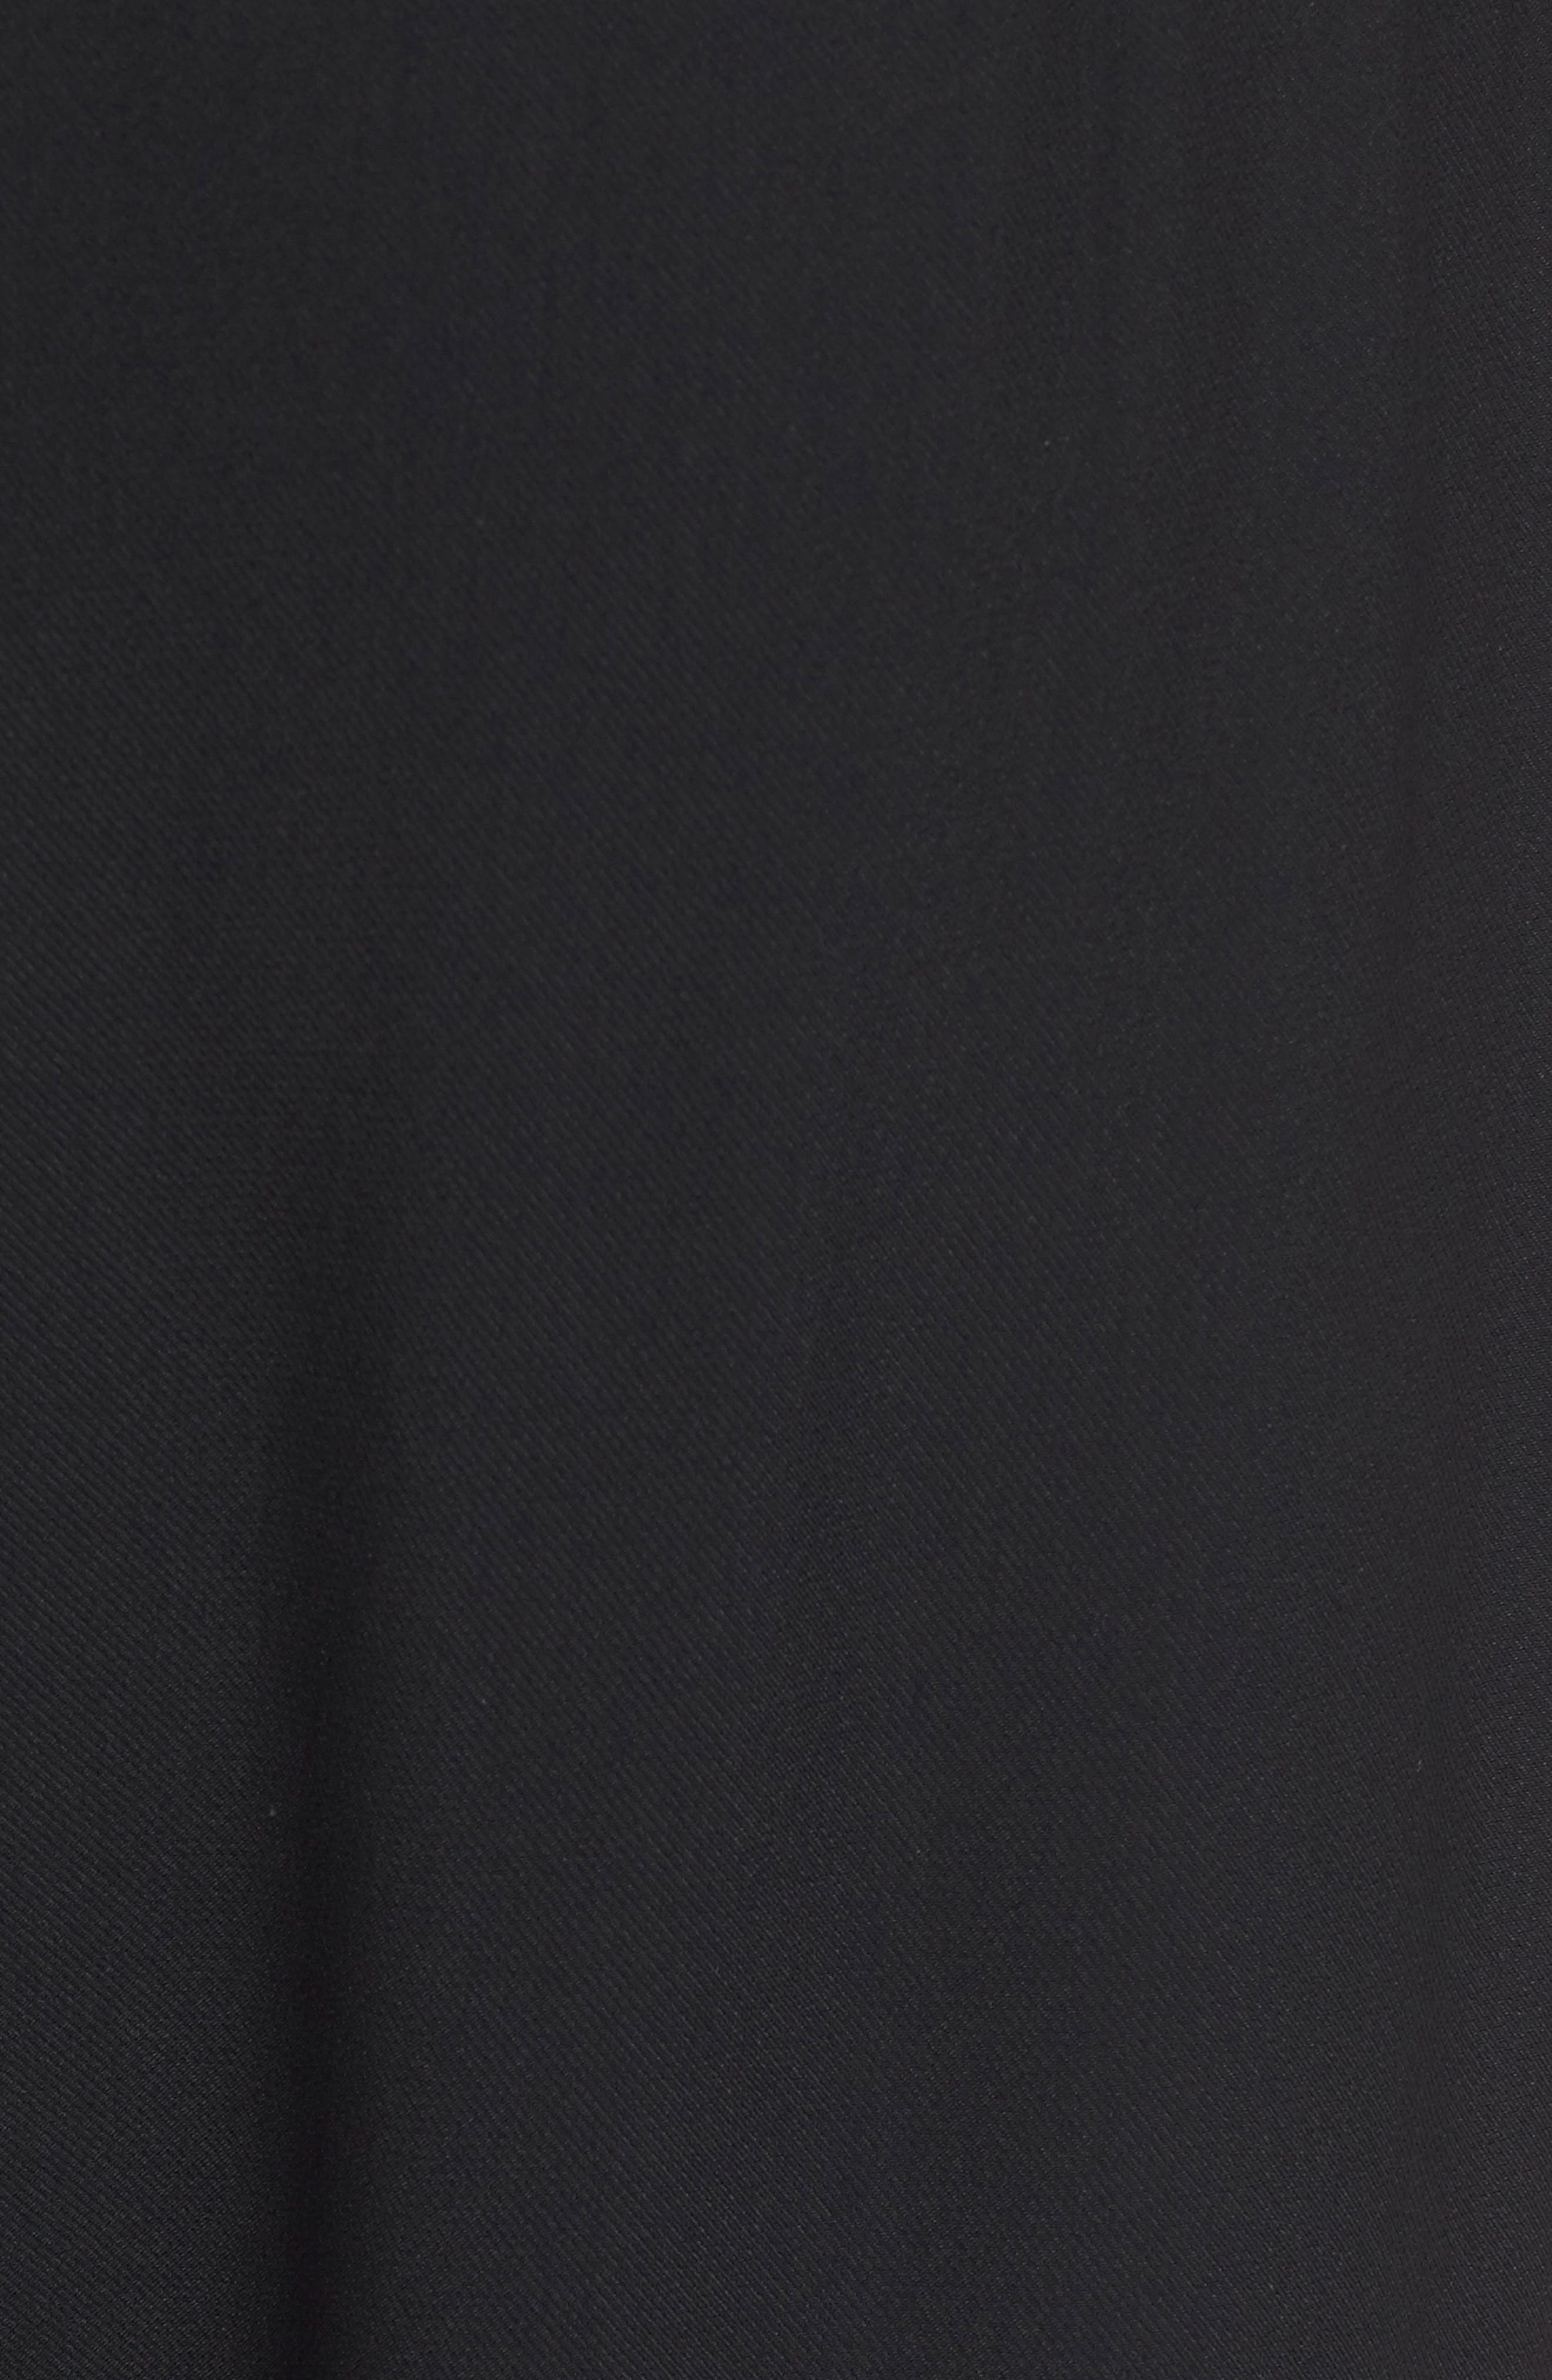 Gabi Drape Trousers,                             Alternate thumbnail 3, color,                             Black